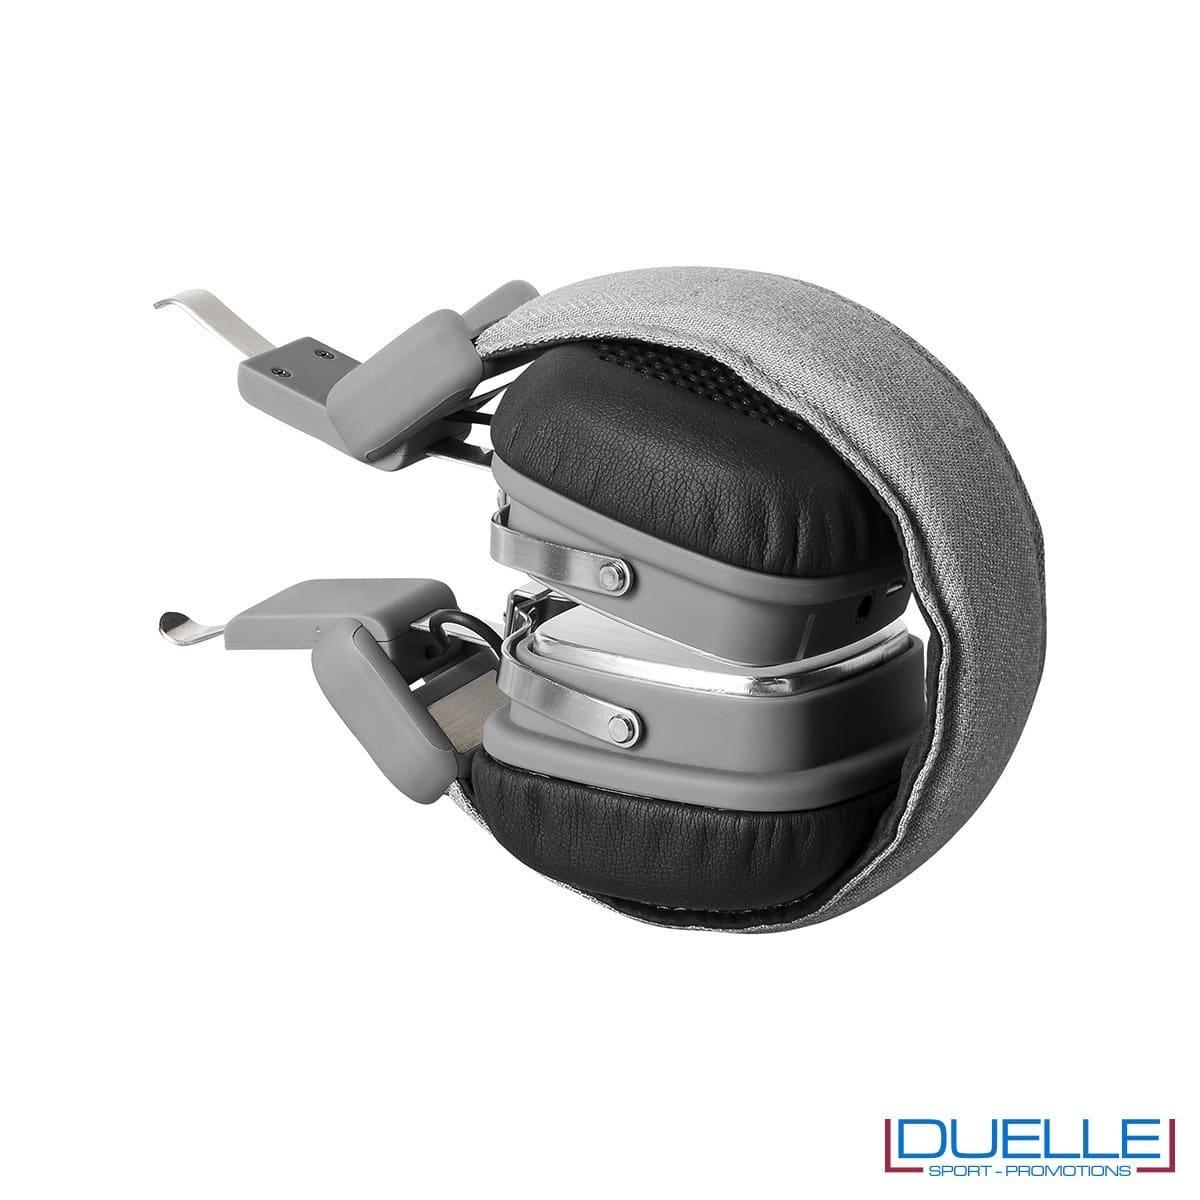 Cuffie ripiegabili con tecnologia bluetooth per smartphone